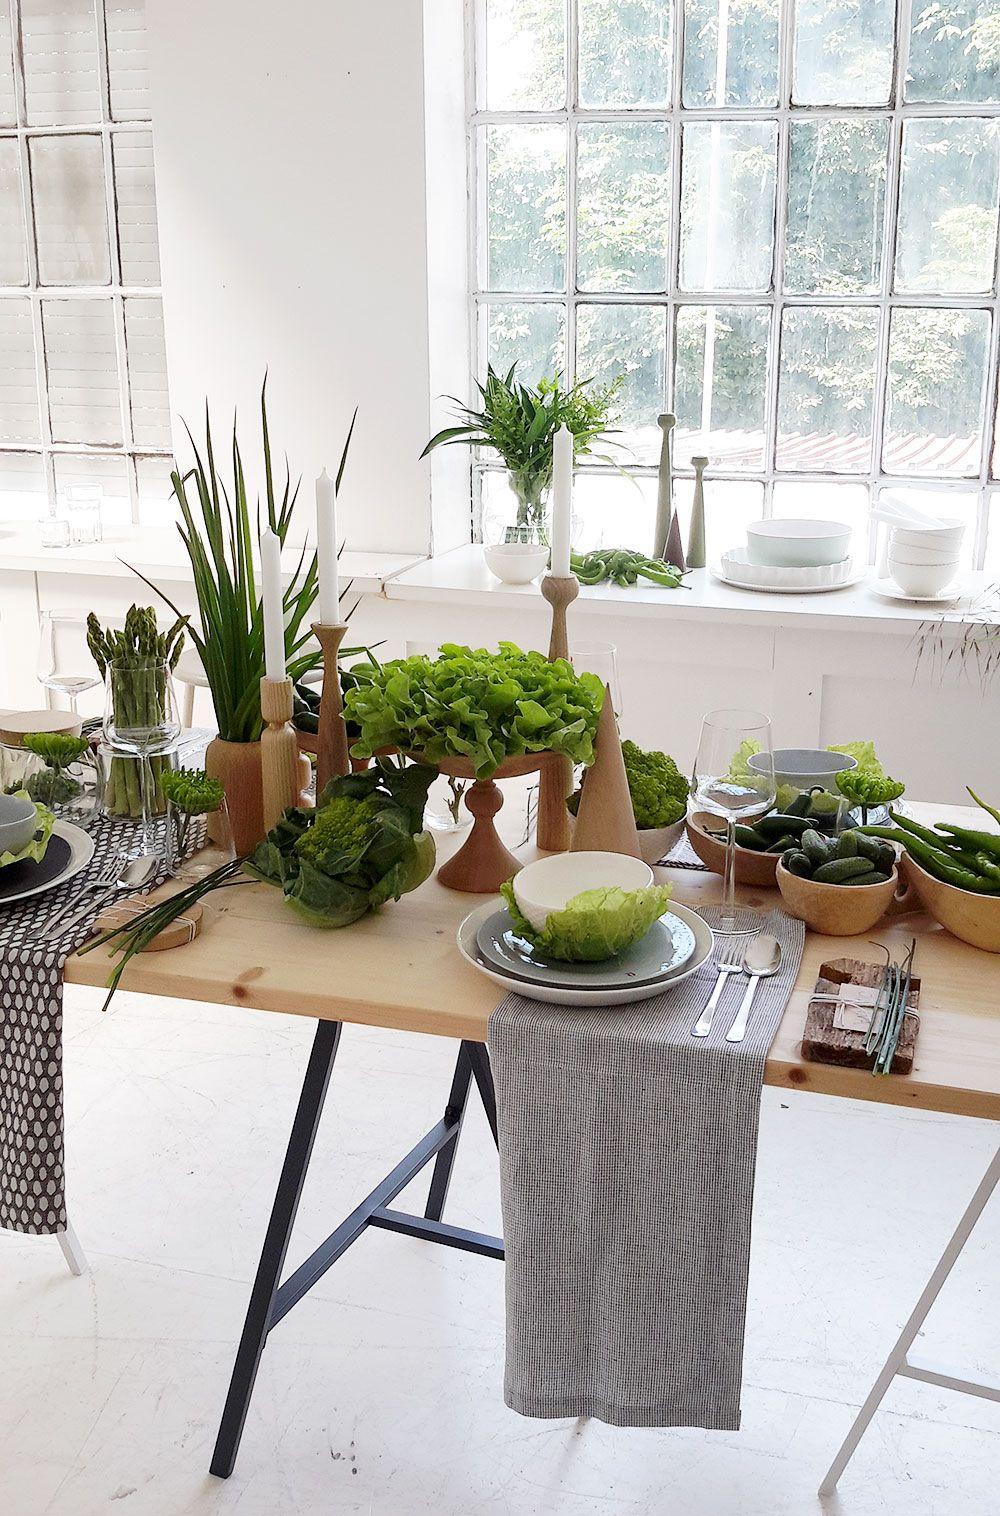 Schoner Tischdecken Beim Schoner Wohnen Workshop Schoner Wohnen Gruner Tisch Wohnen